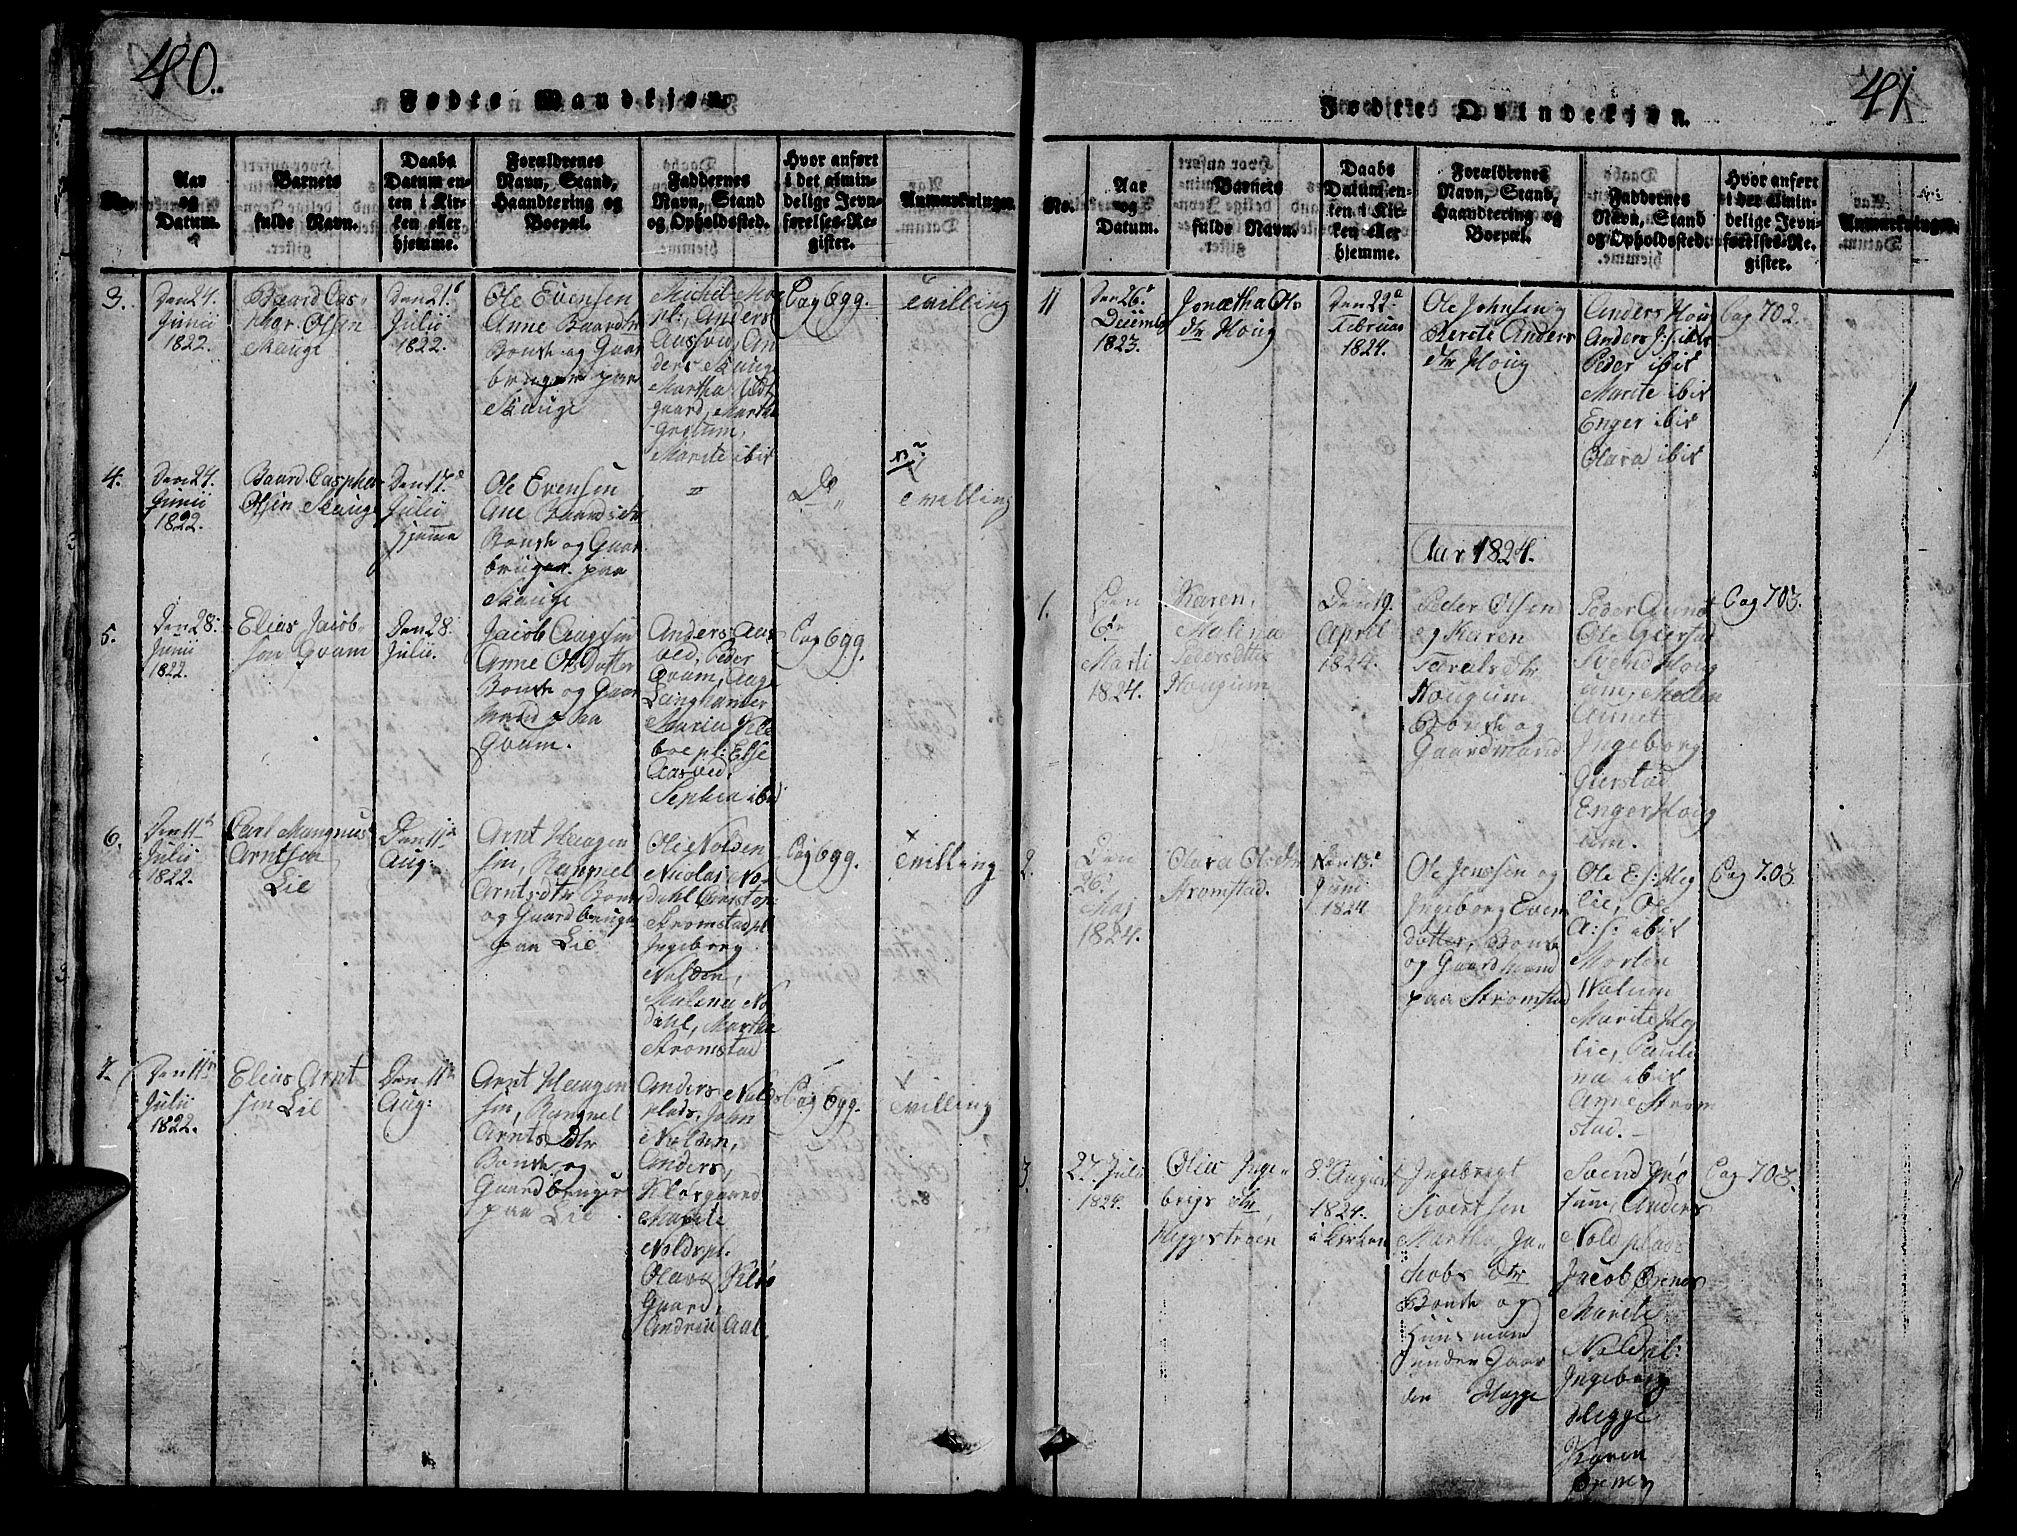 SAT, Ministerialprotokoller, klokkerbøker og fødselsregistre - Nord-Trøndelag, 747/L0459: Klokkerbok nr. 747C01, 1816-1842, s. 40-41